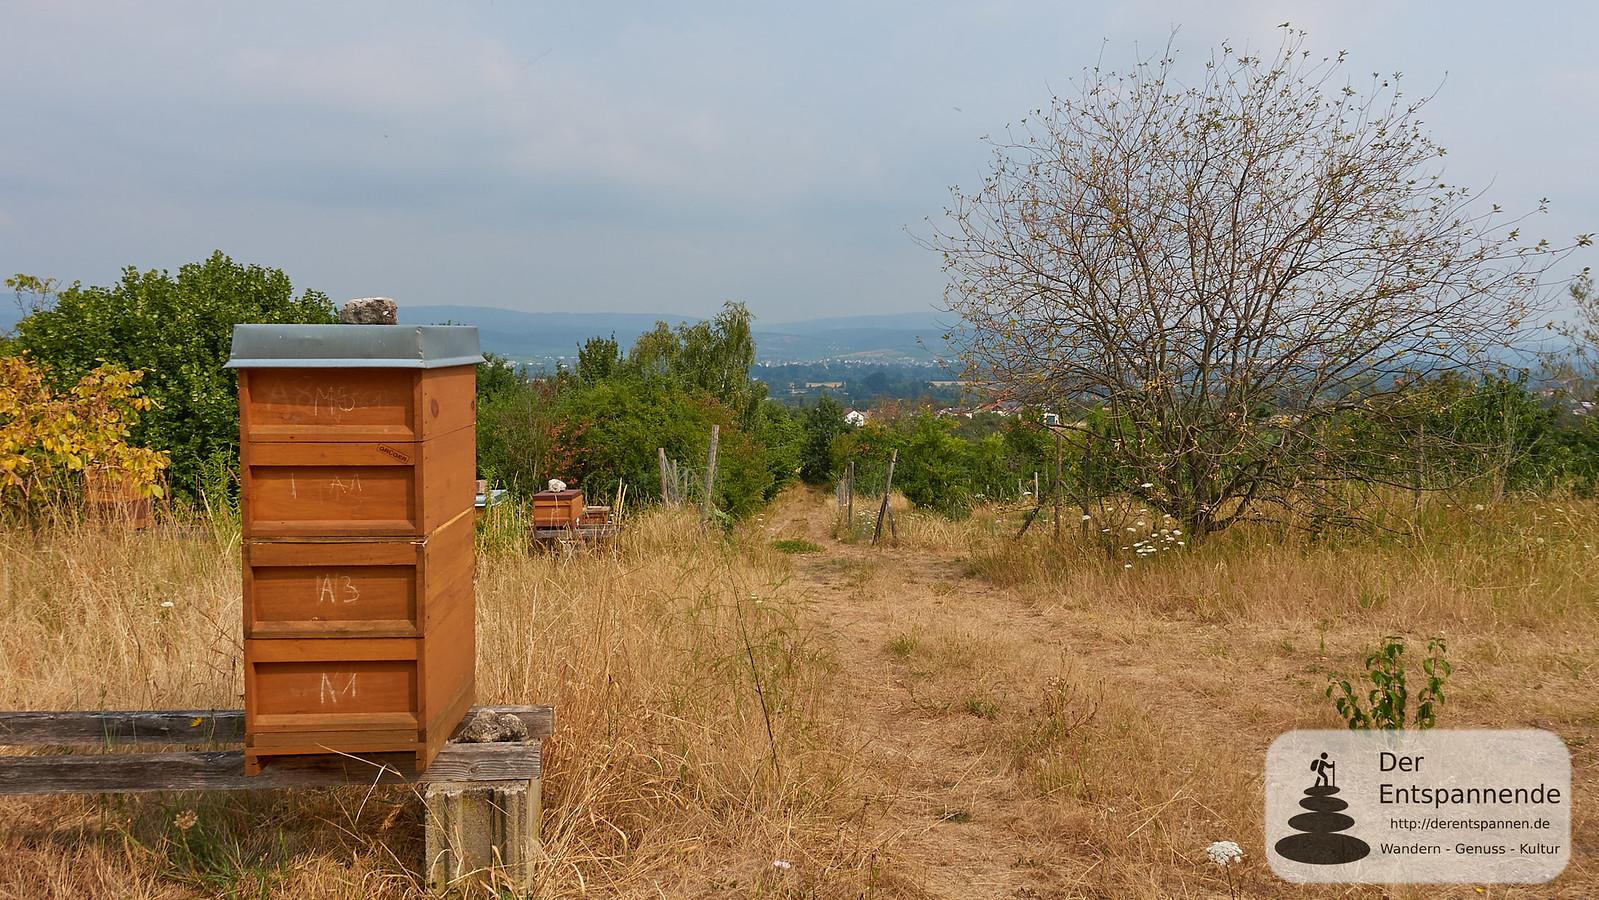 Bienenstöcke mit Blick auf Rheinebene und Taunus